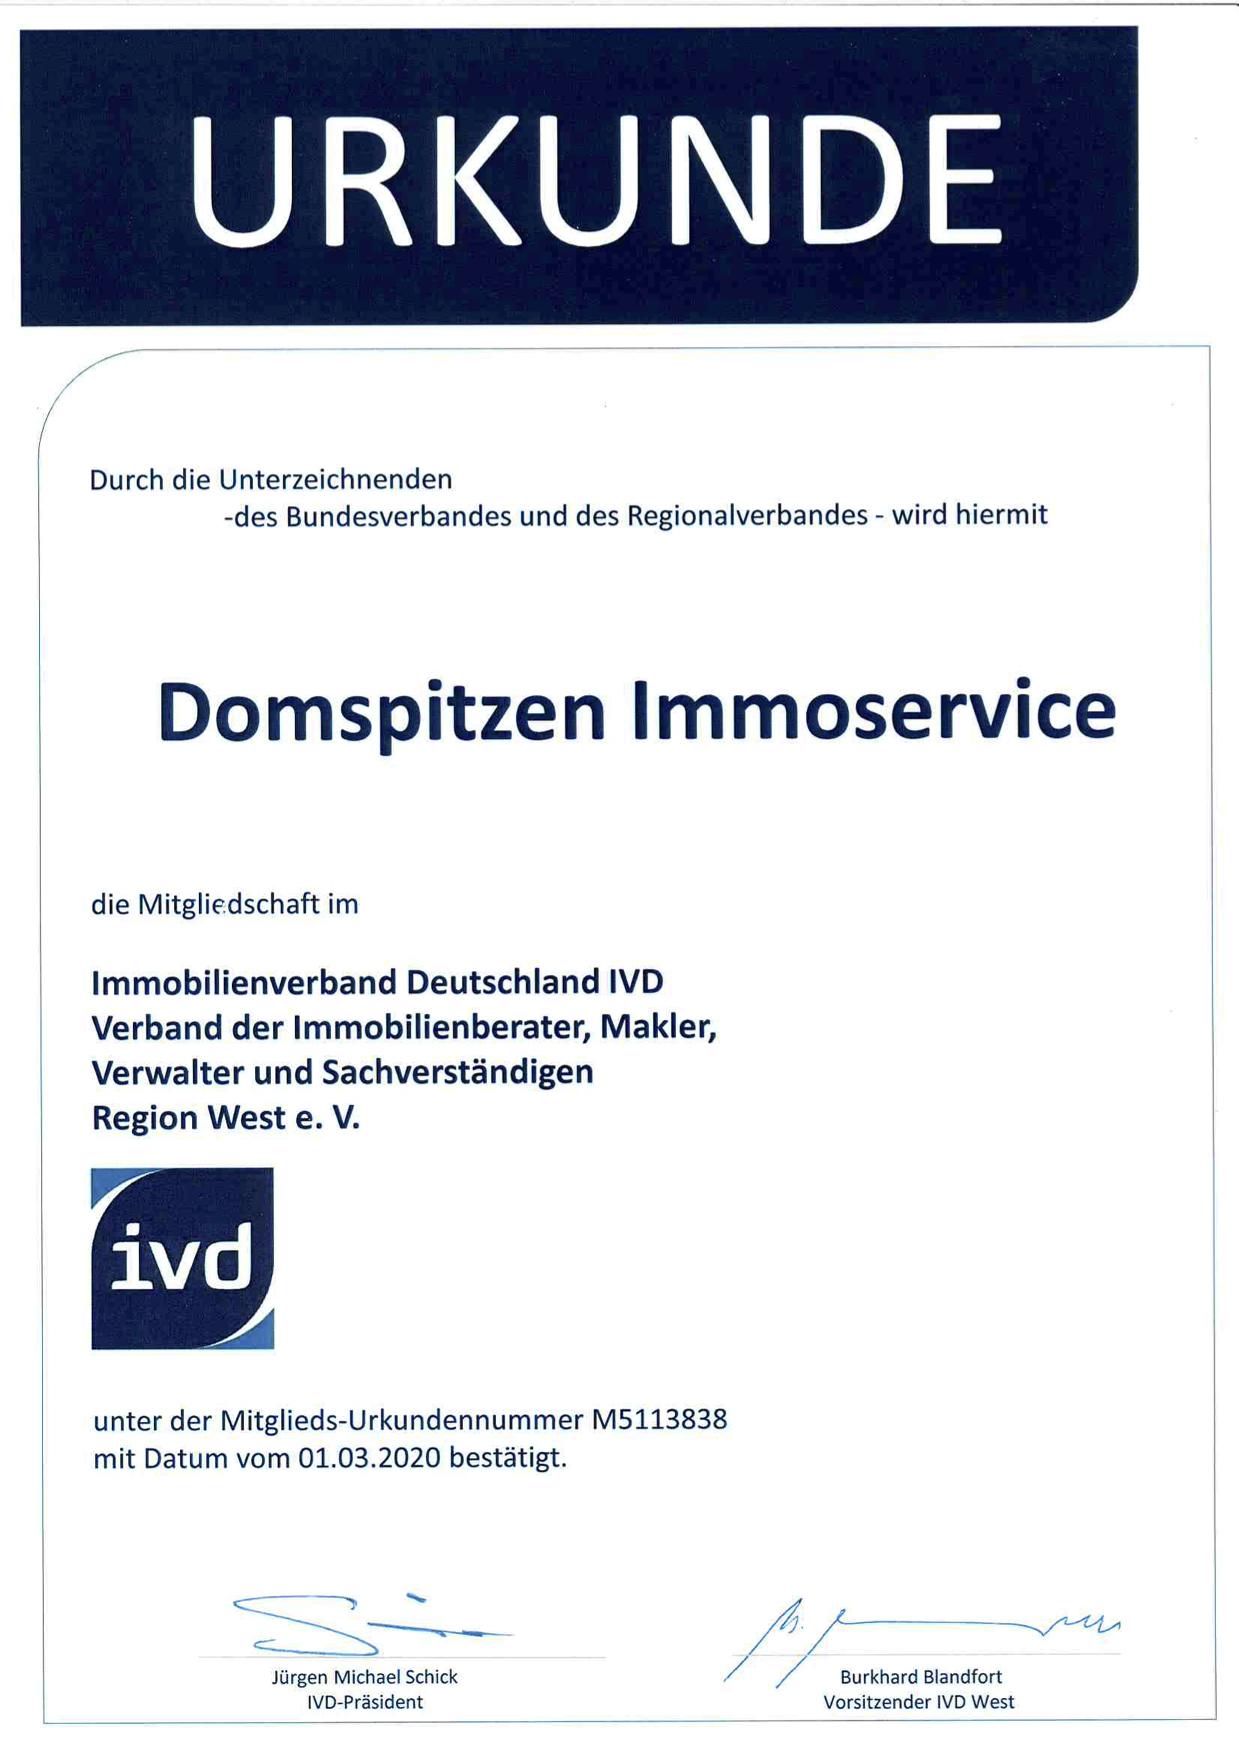 IVD Urkunde